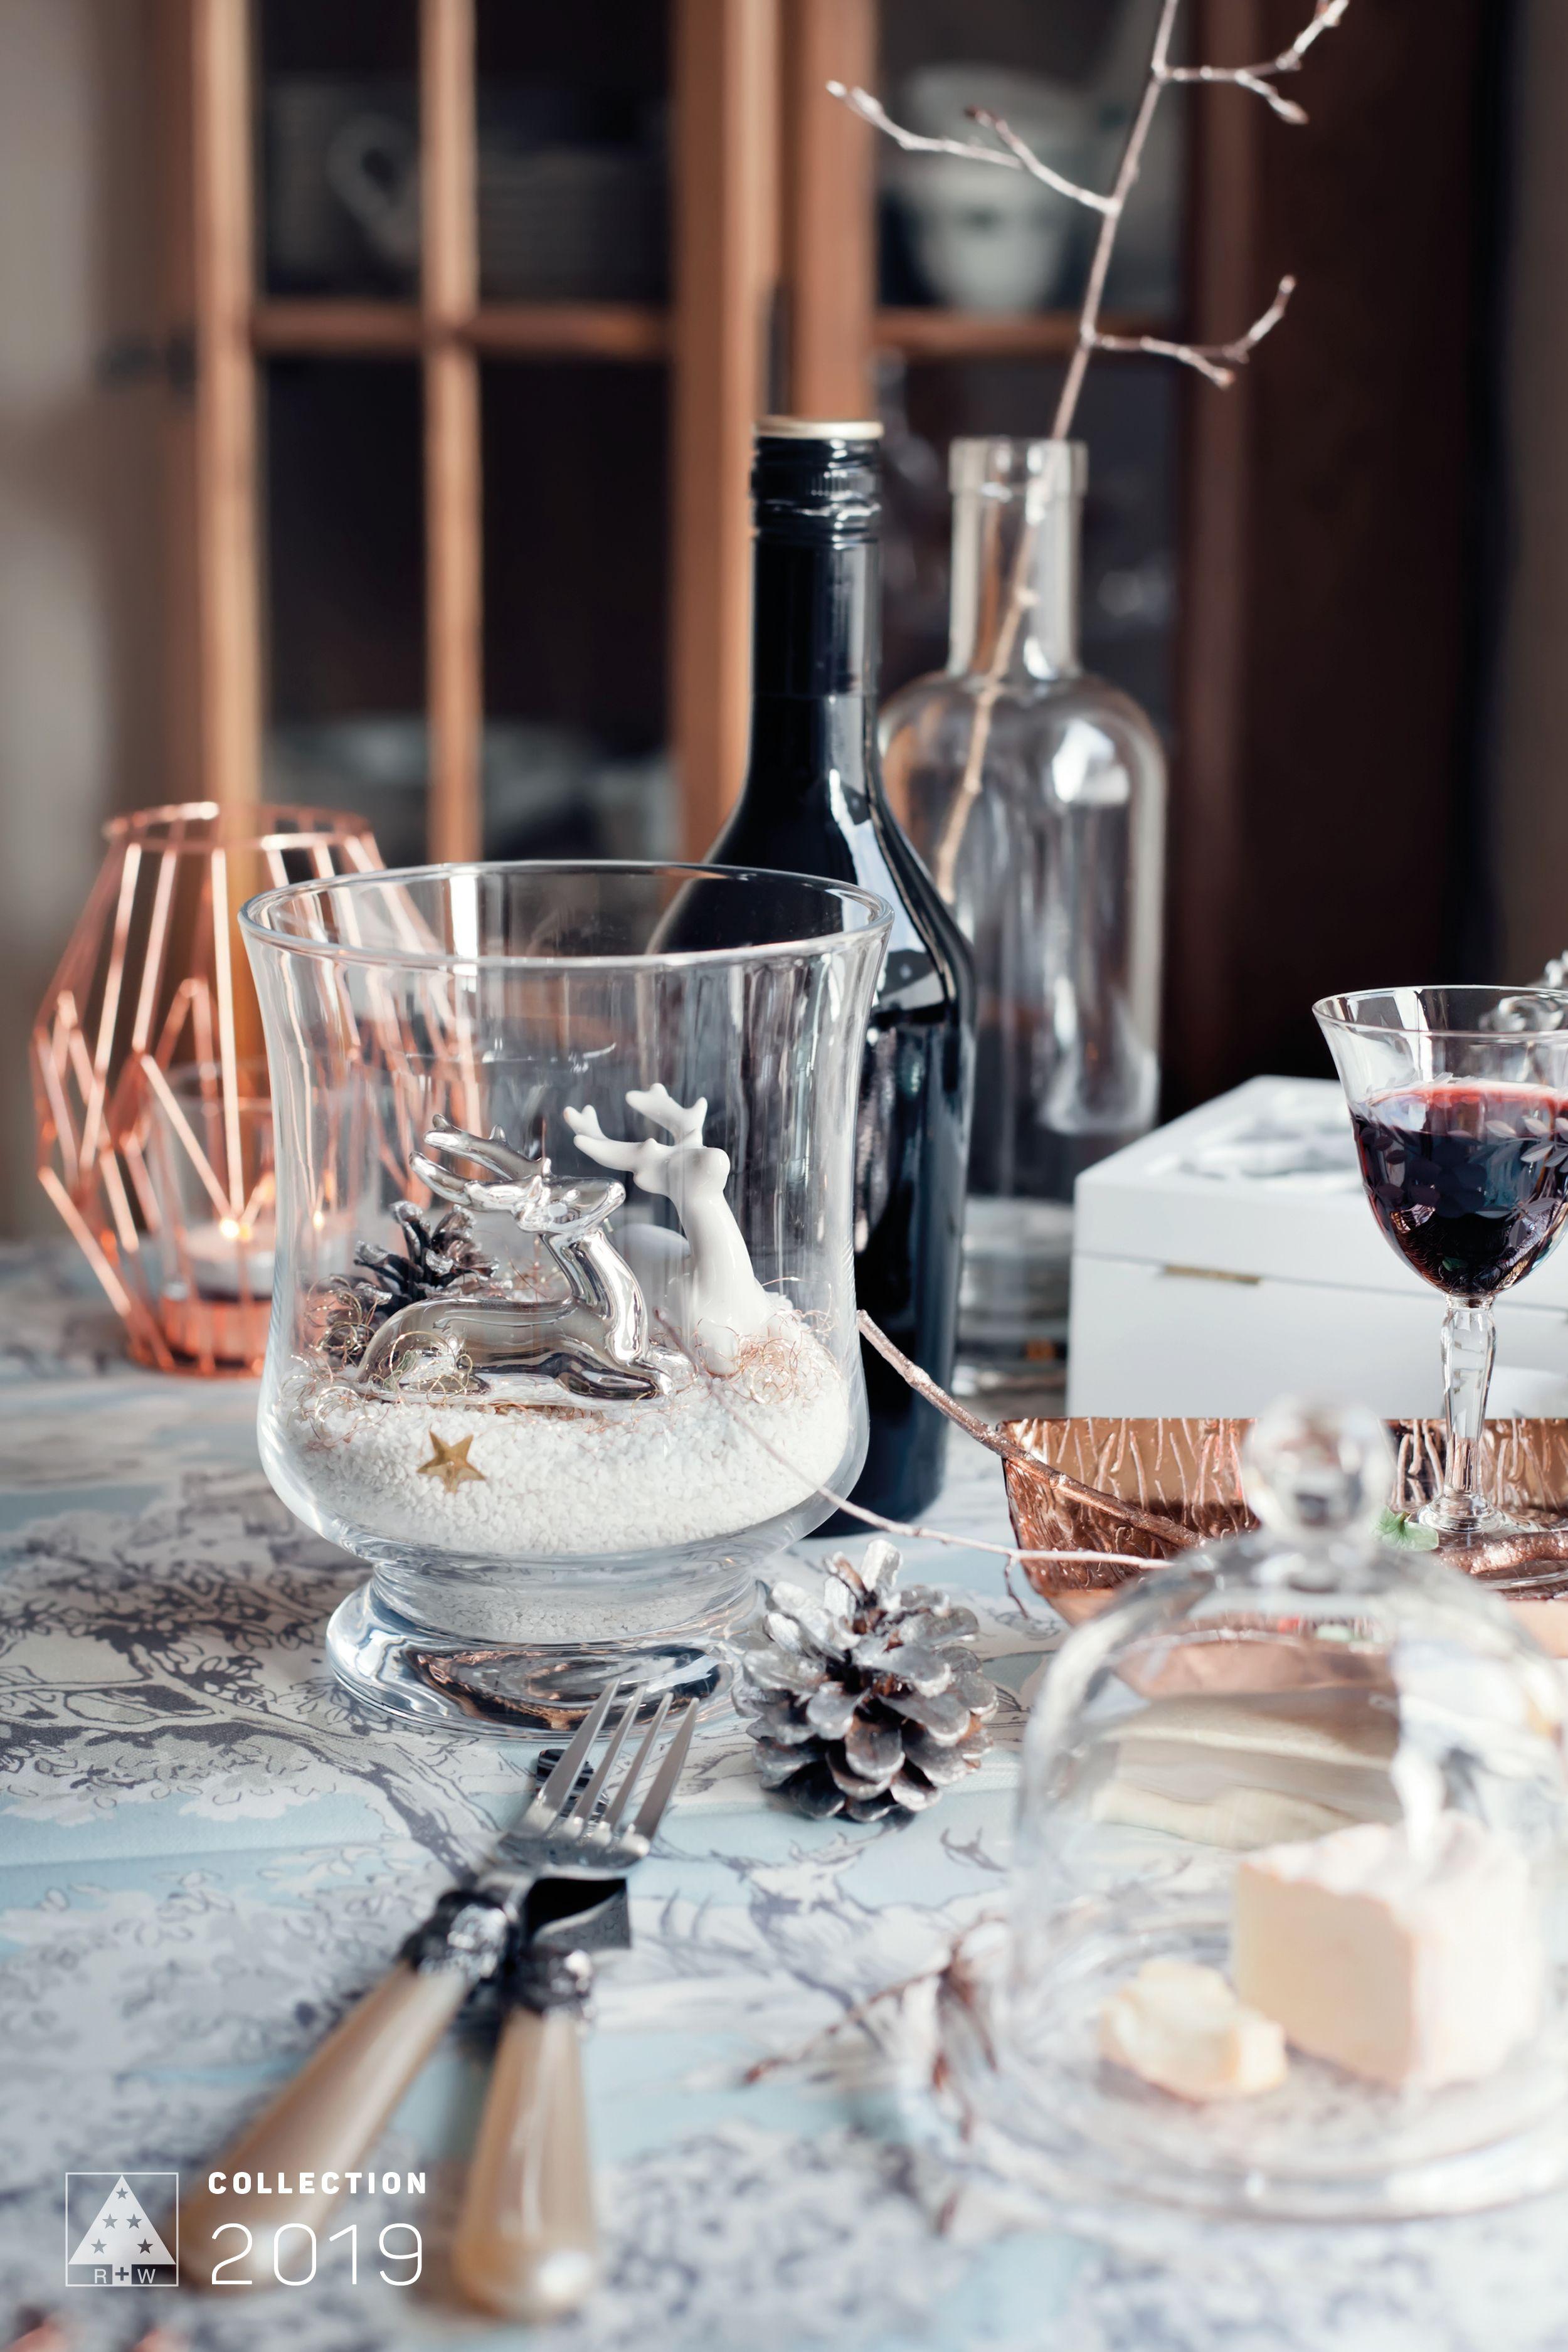 Silbertraum #familytime #dinner #royalsilver #silver #shiny #glittery #silber #elegant #glänzend #colortrends #trends2019 #decoration #deko #weihnachtsdeko #christmas #christmasspirit #christmastime #christmasornaments #riffelmacherweinberger #weihnachtsdeko2019trend